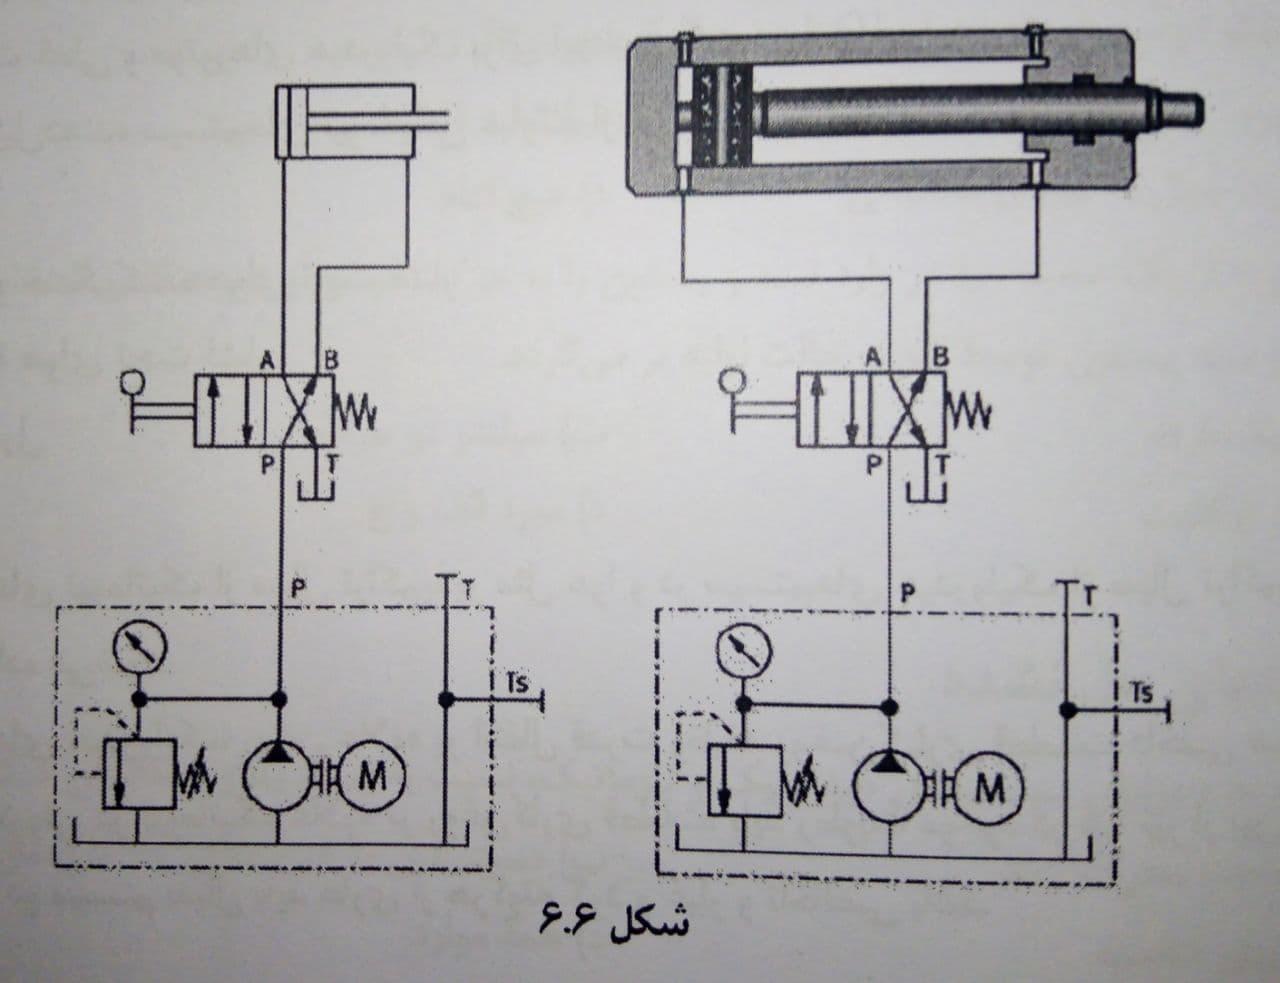 مقایسه کلی سیستم های هیدرولیک و نیوماتیک